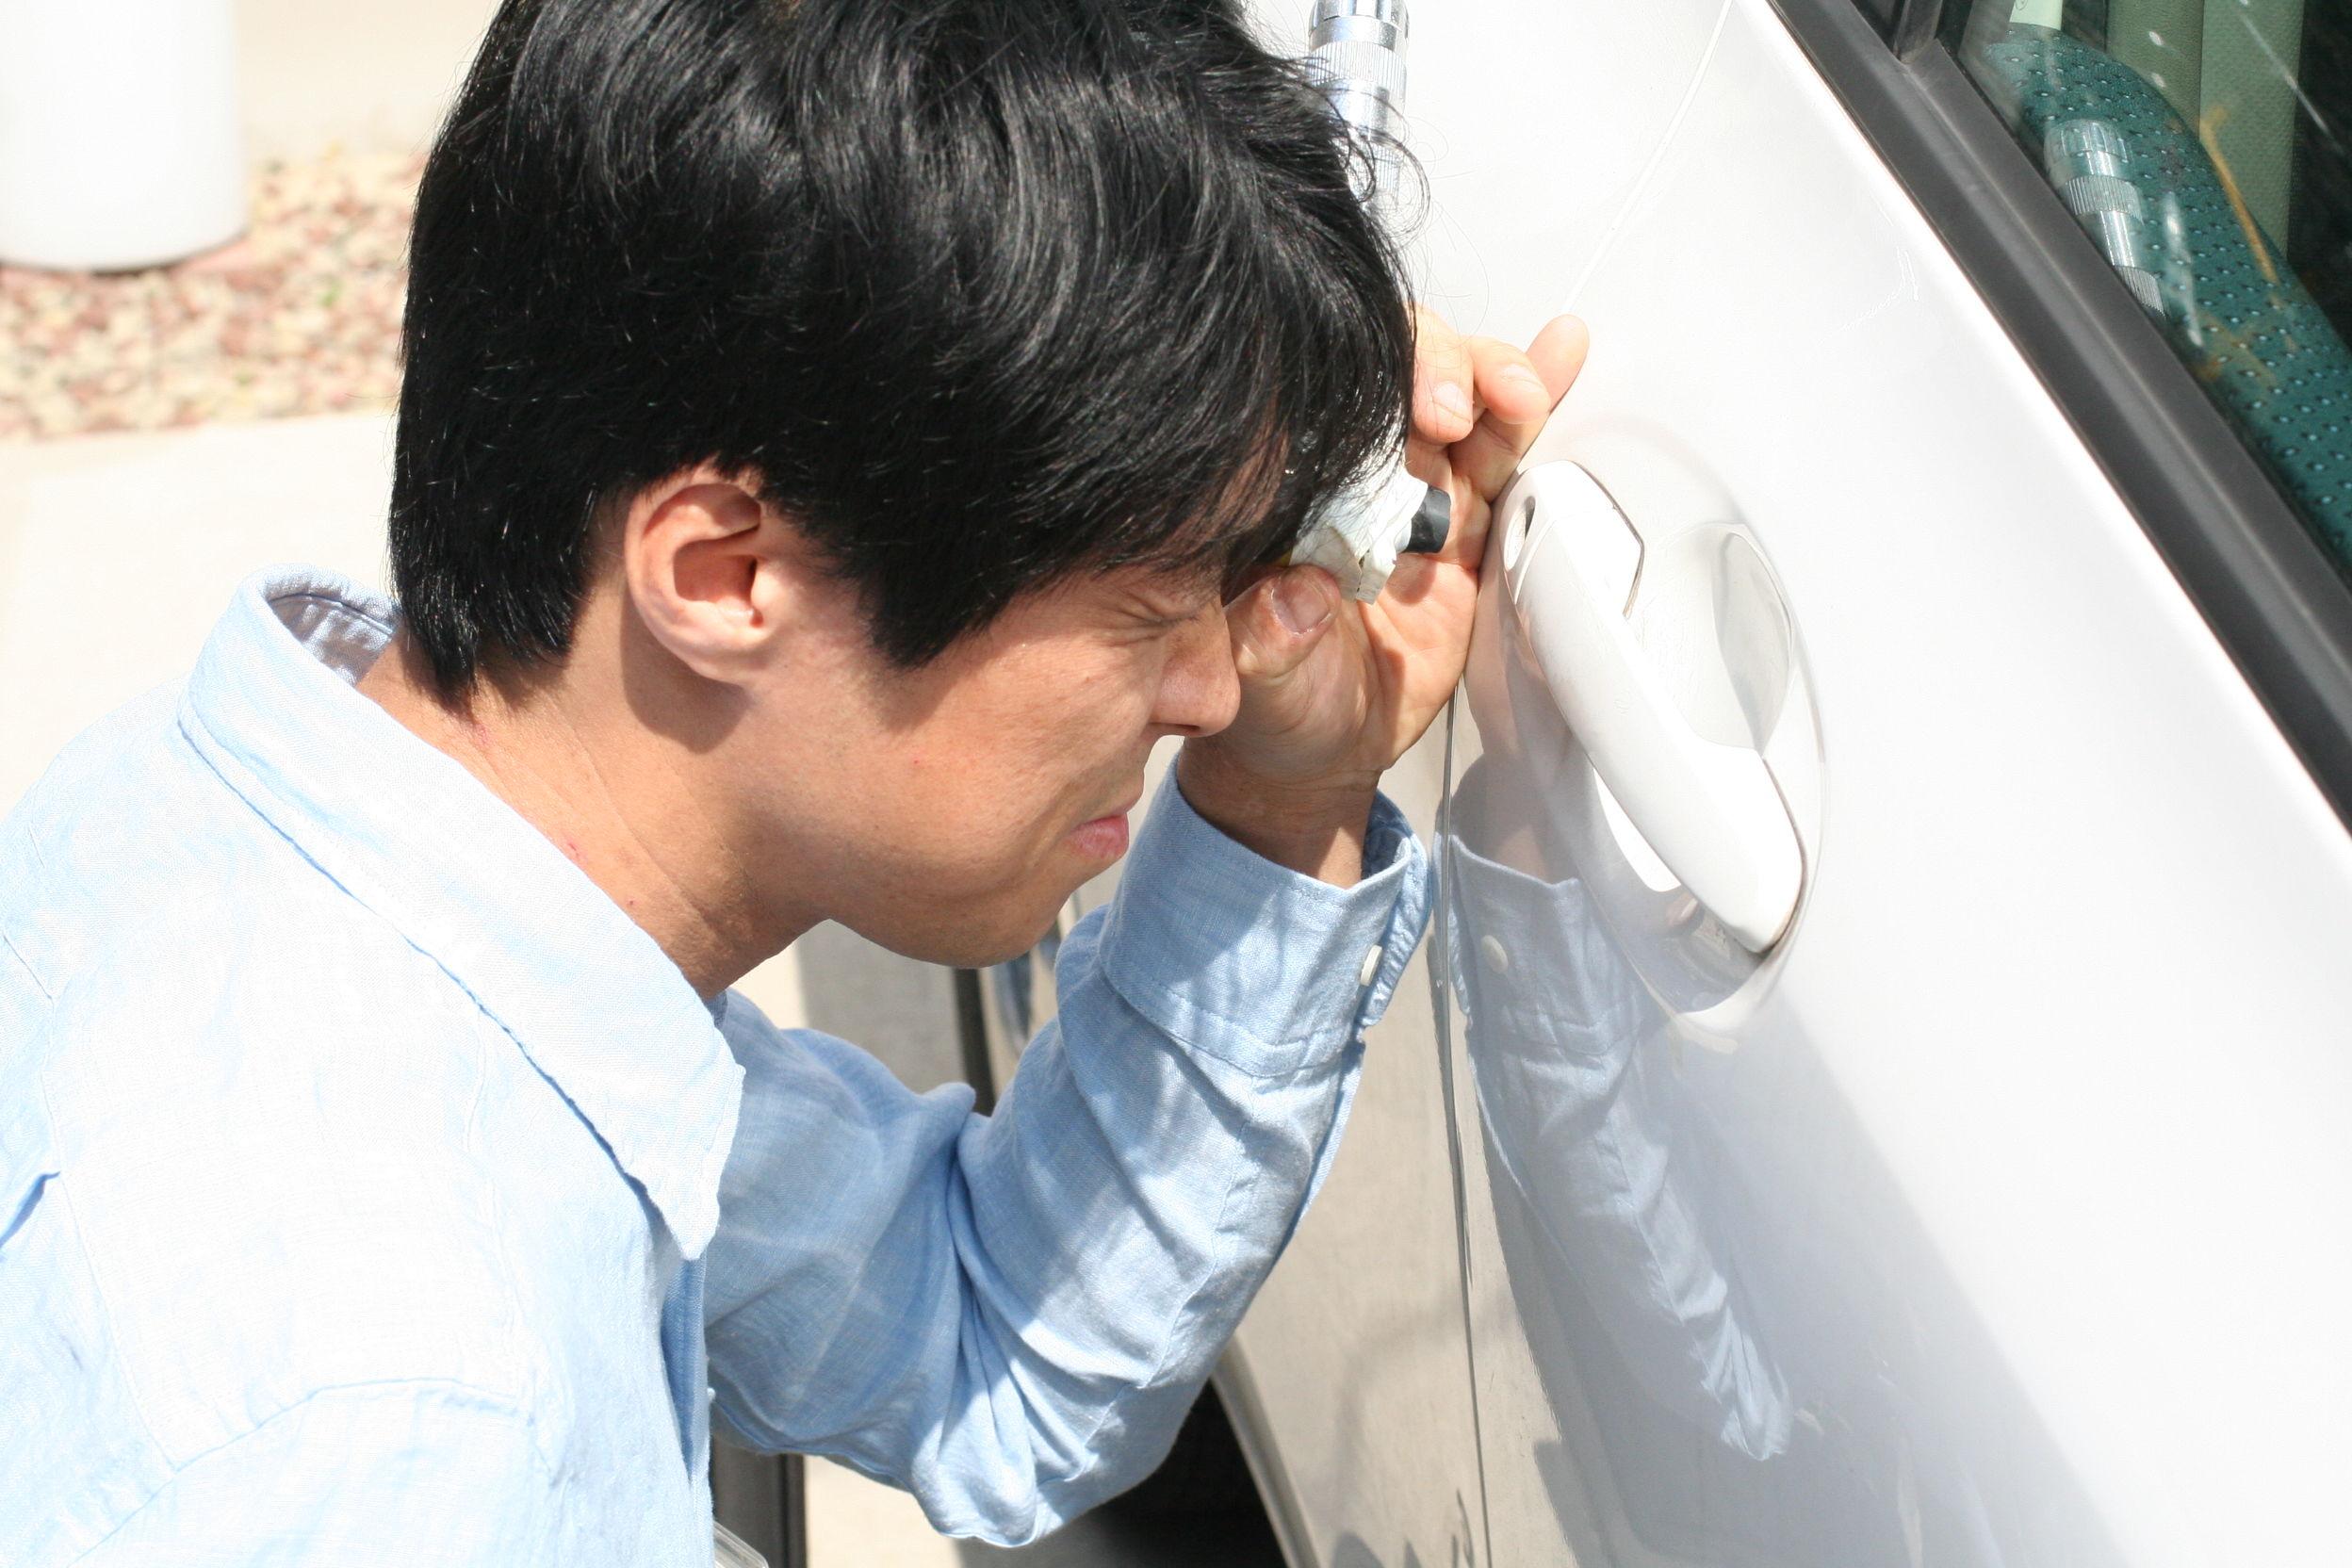 カギのトラブル救Q隊.24【七尾市 出張エリア】のメイン画像